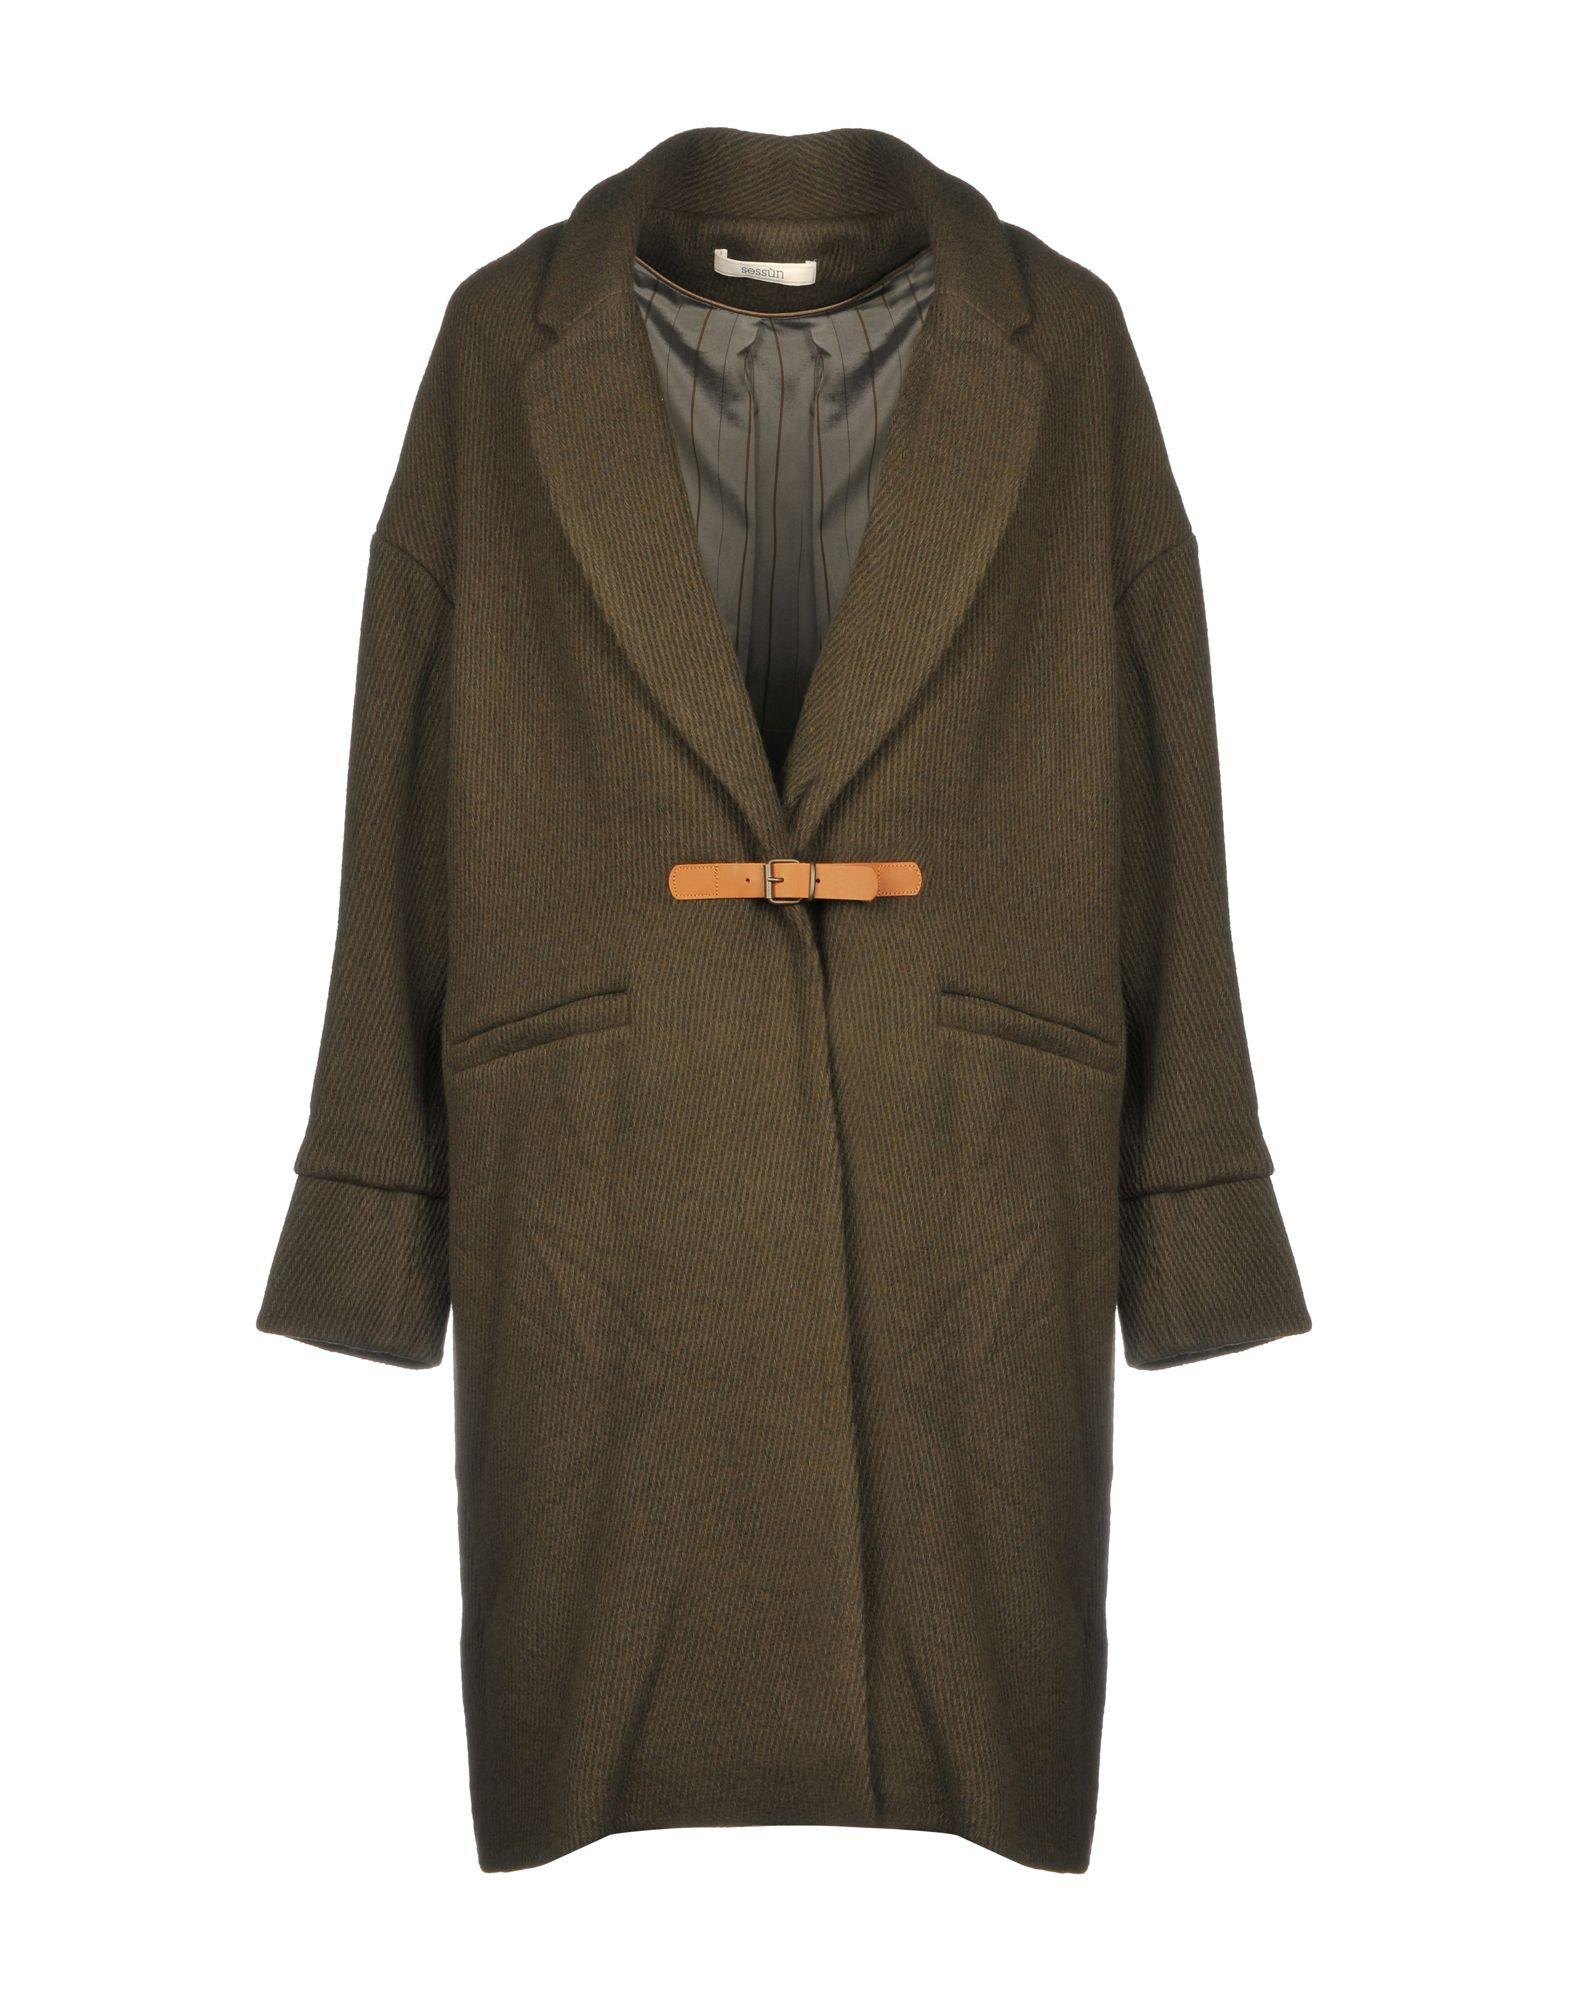 цены на SESSUN Пальто в интернет-магазинах